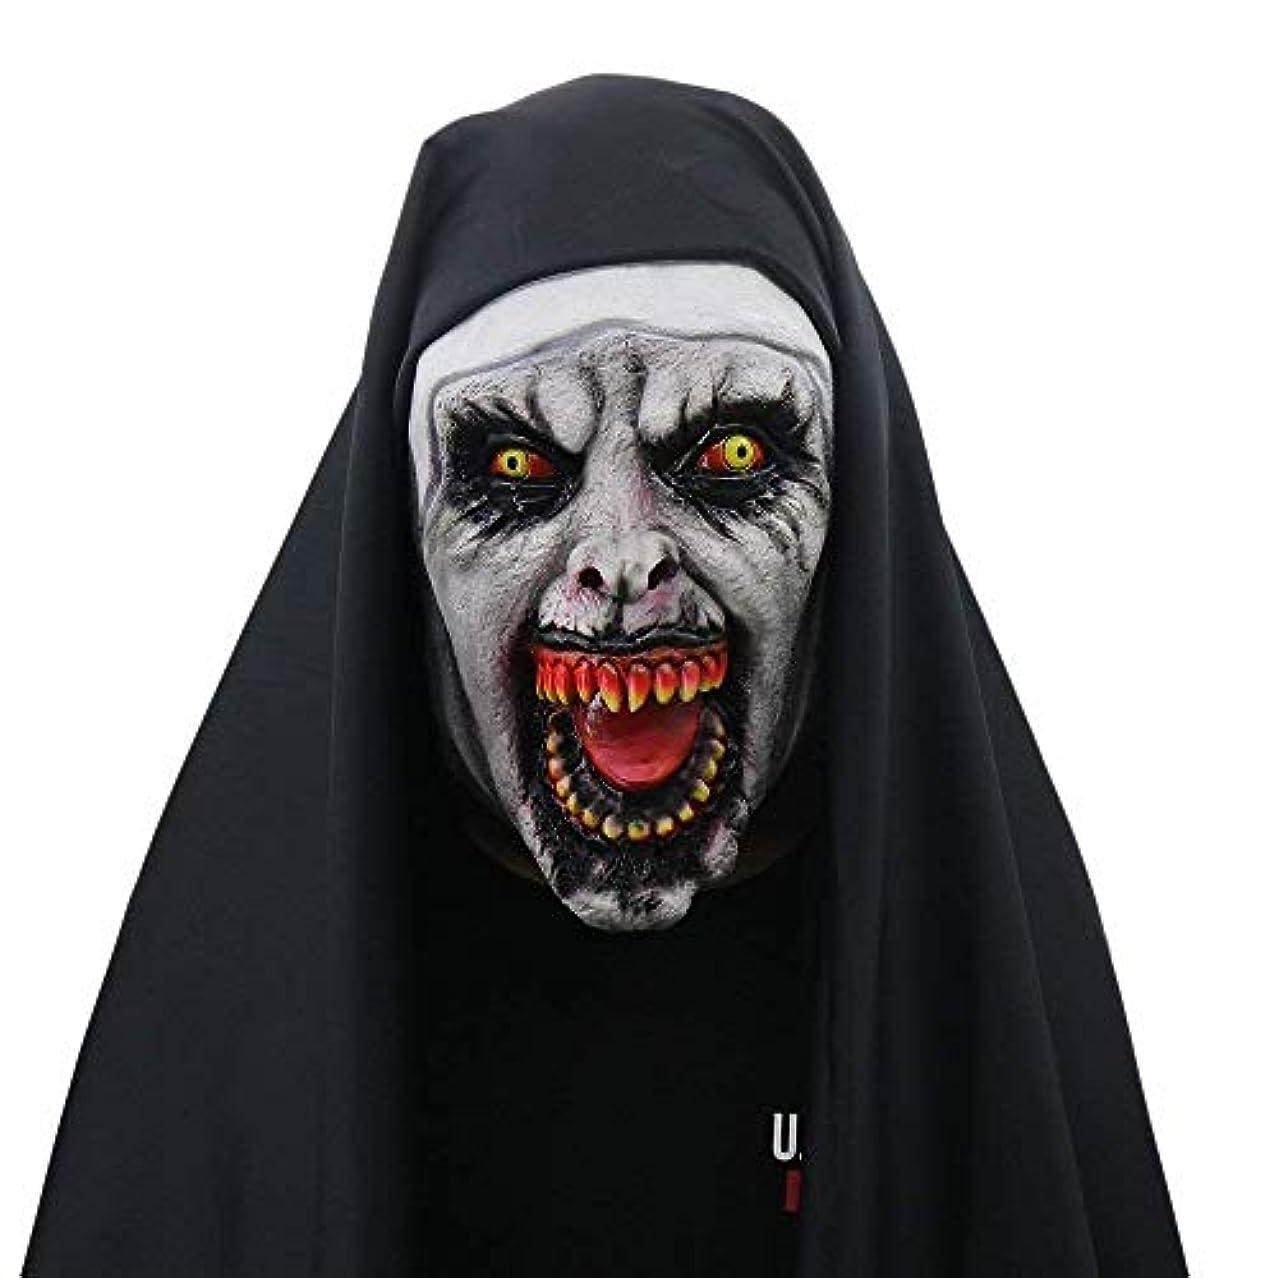 止まるバス忘れられない女性のためのハロウィン修道女の衣装、修道女仮面の怖いベール